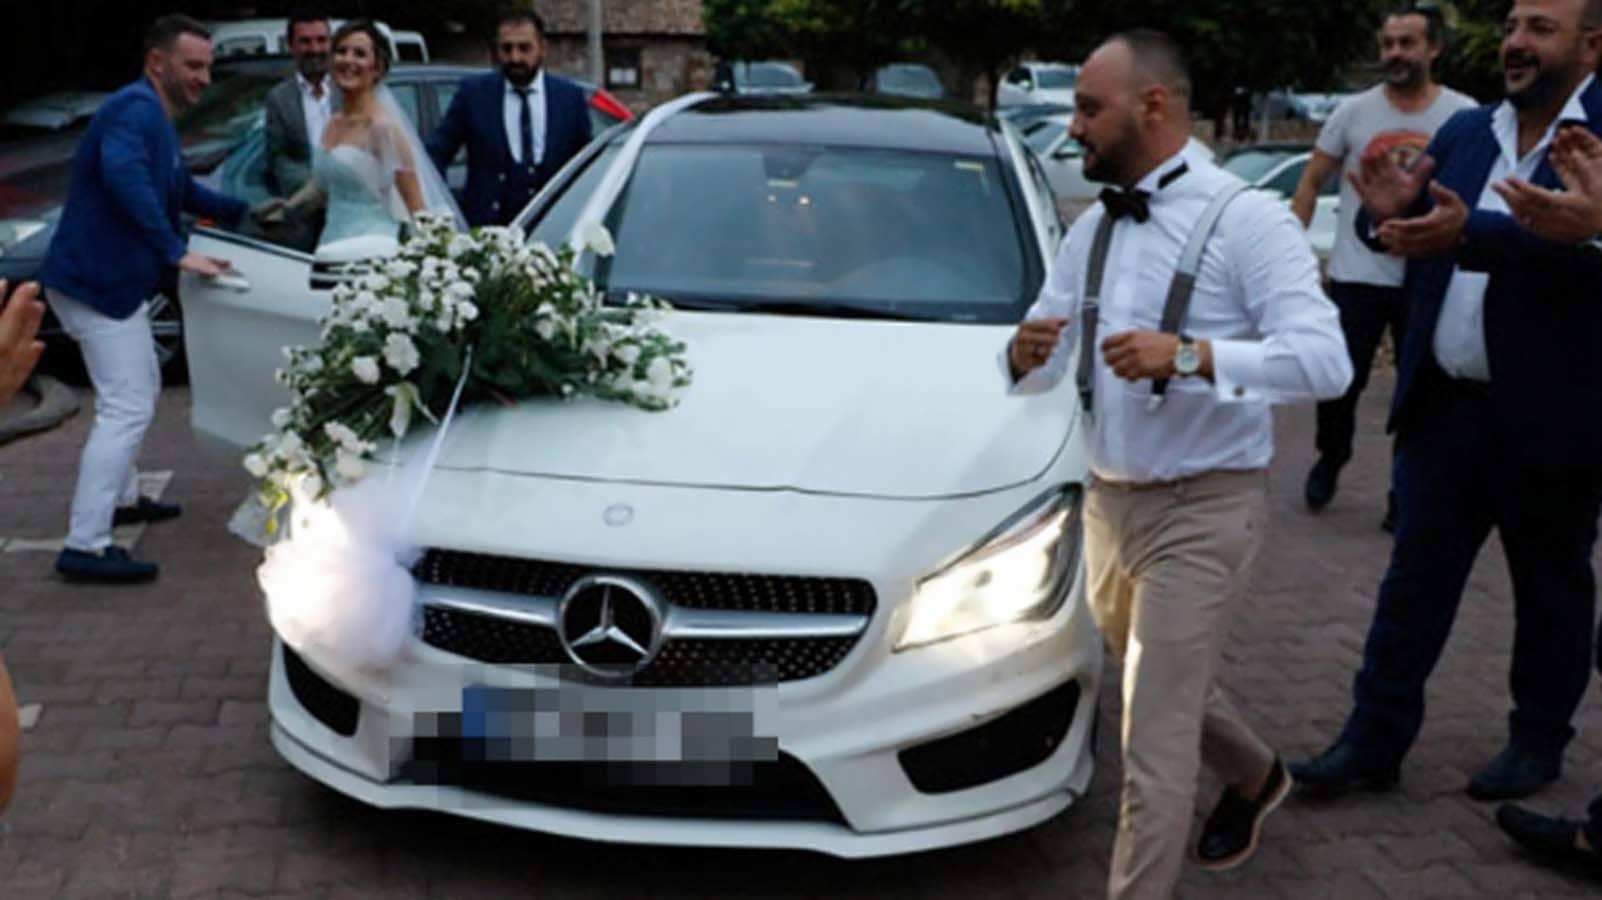 Nafaka Borcu İçin Düğündeki Altınlara Haciz